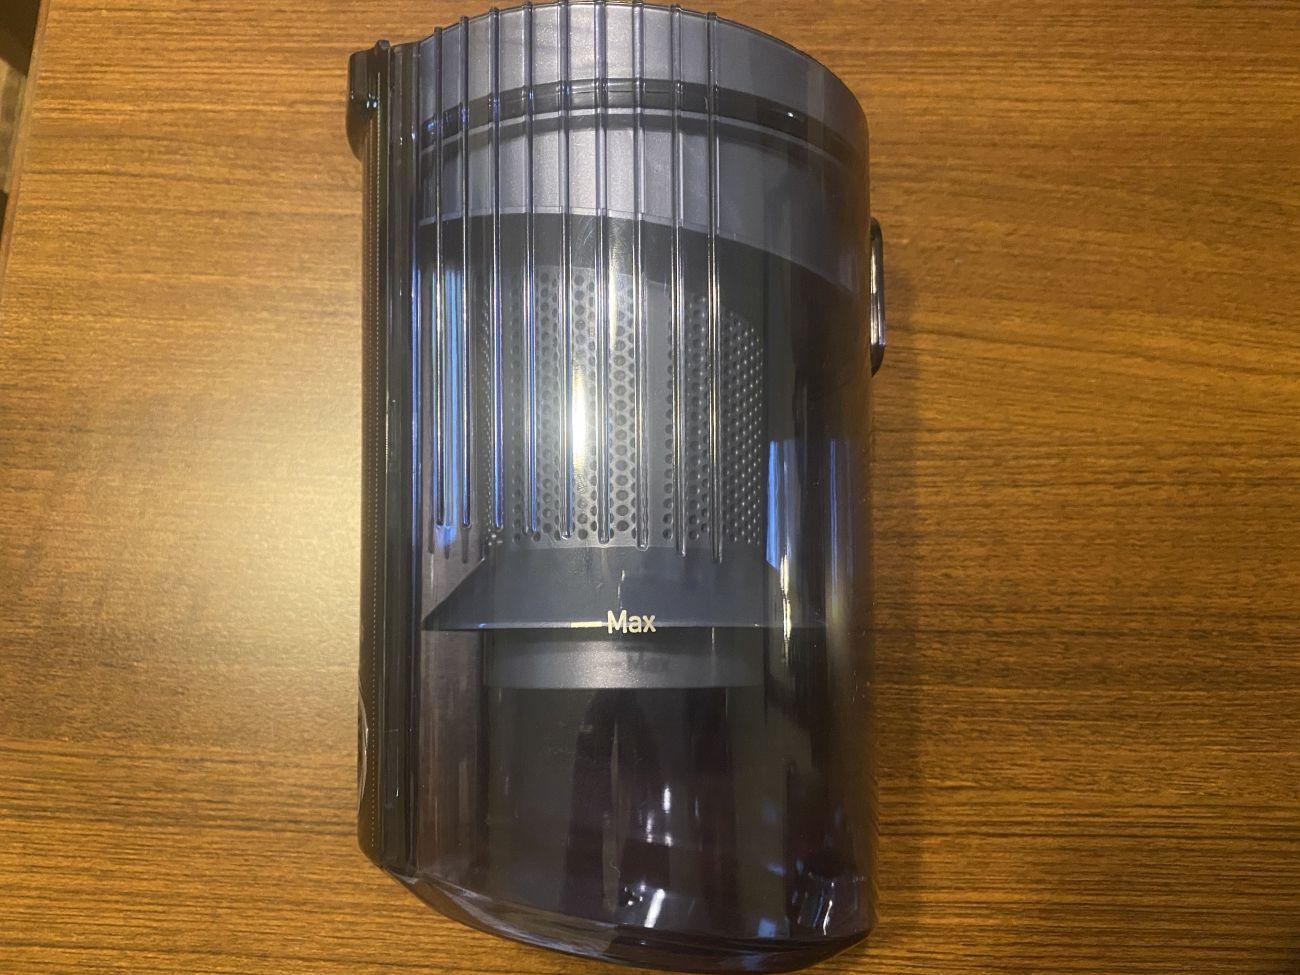 Tefal X-Force Flex 11.60 Aqua TY9890 wskaźnik zapełnienia pojemności zbiornika na śmieci